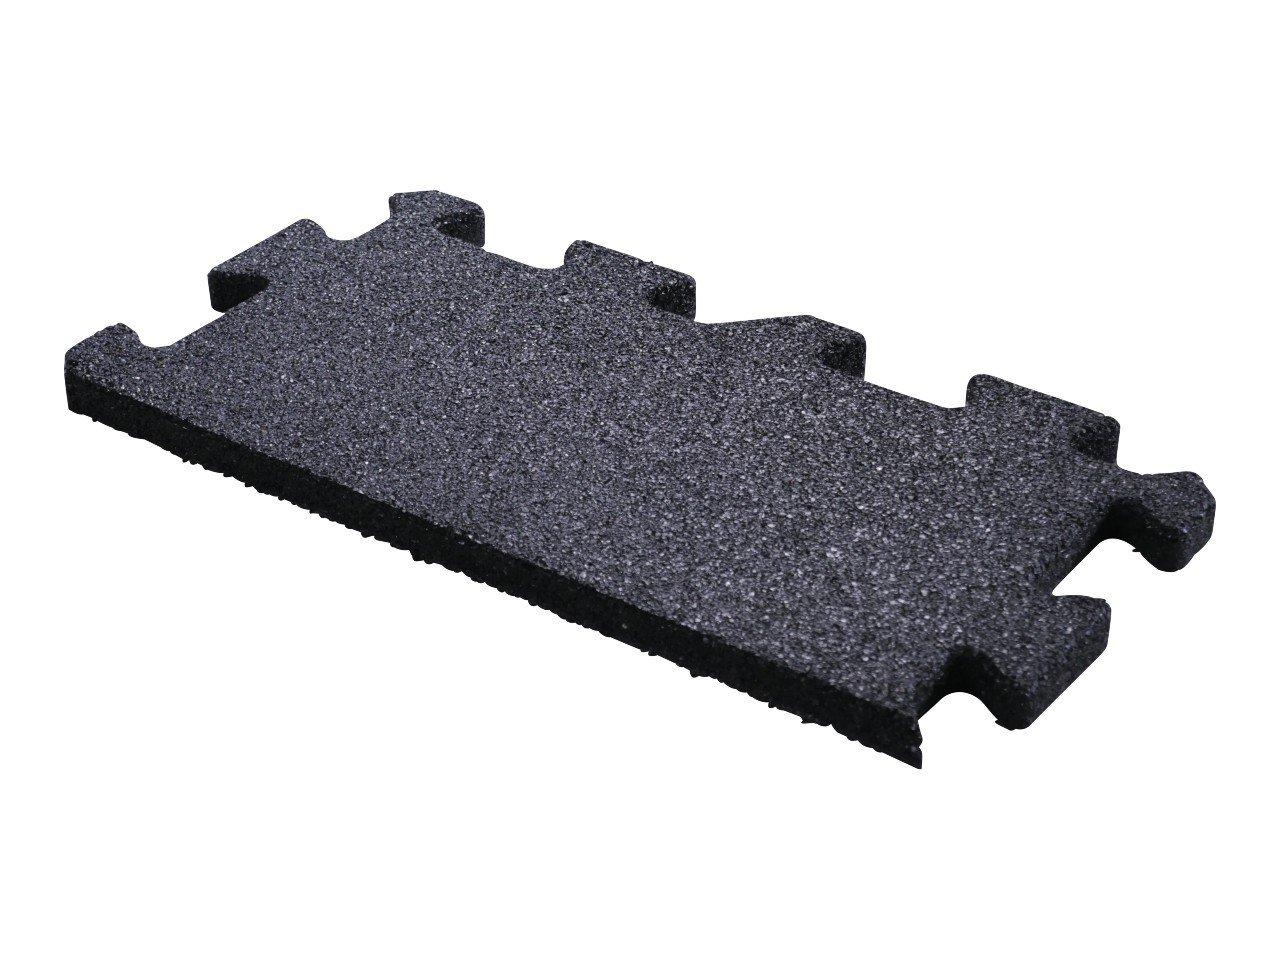 Crossmaxx Jigsaw Gummiflise Endekant 50 x 25 x 2 cm